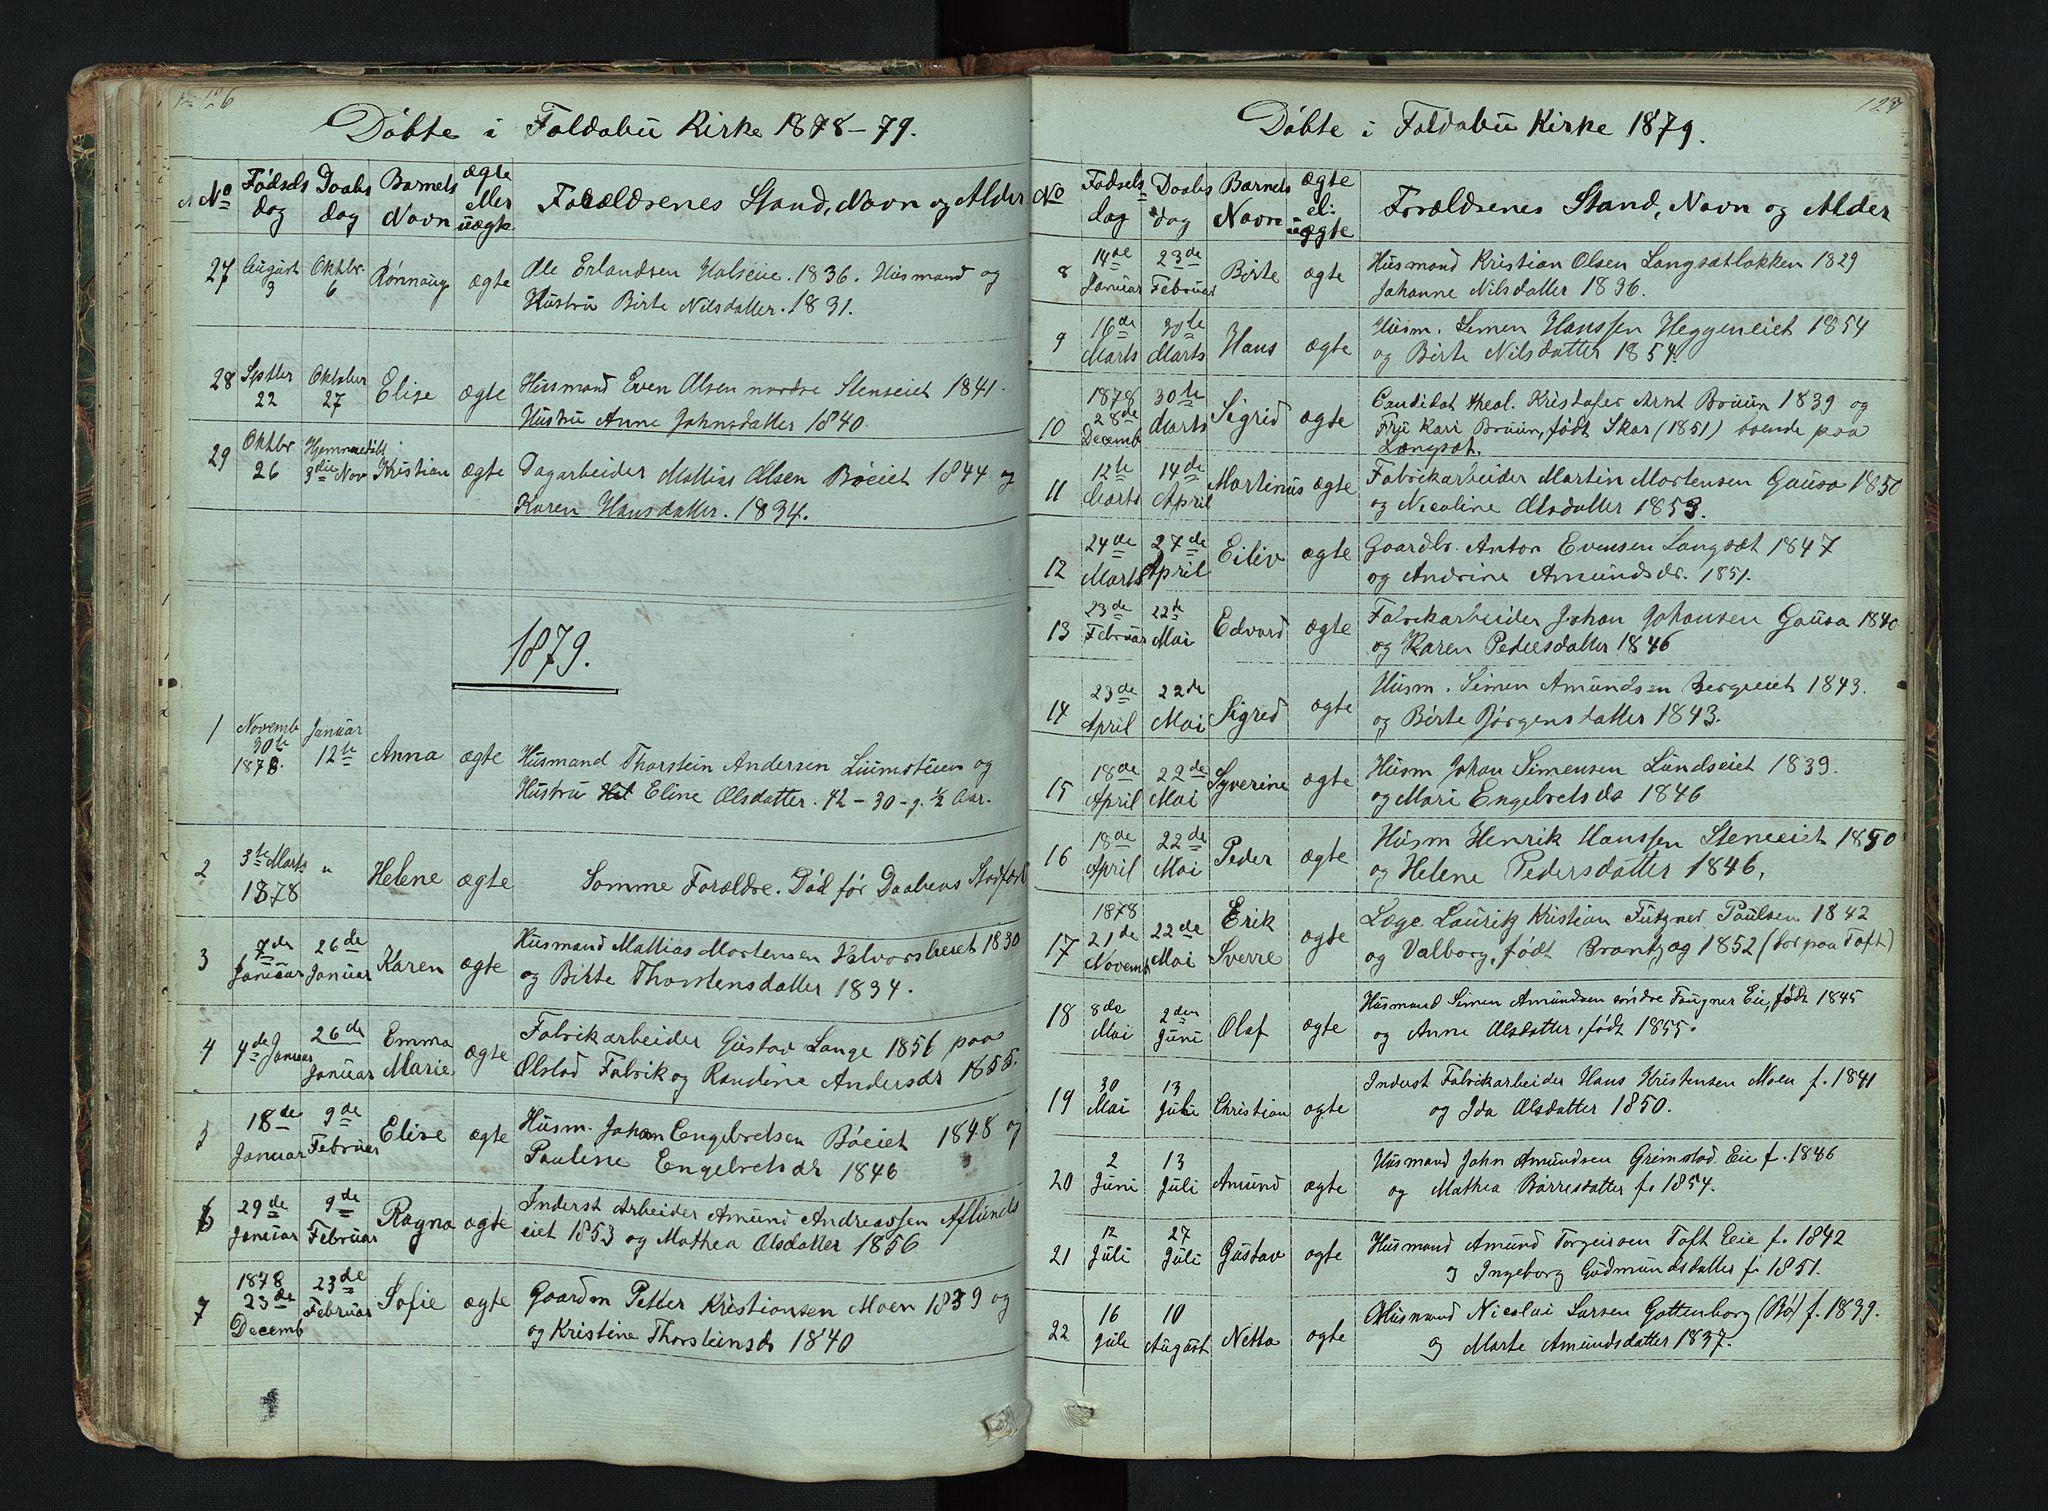 SAH, Gausdal prestekontor, Klokkerbok nr. 6, 1846-1893, s. 126-127